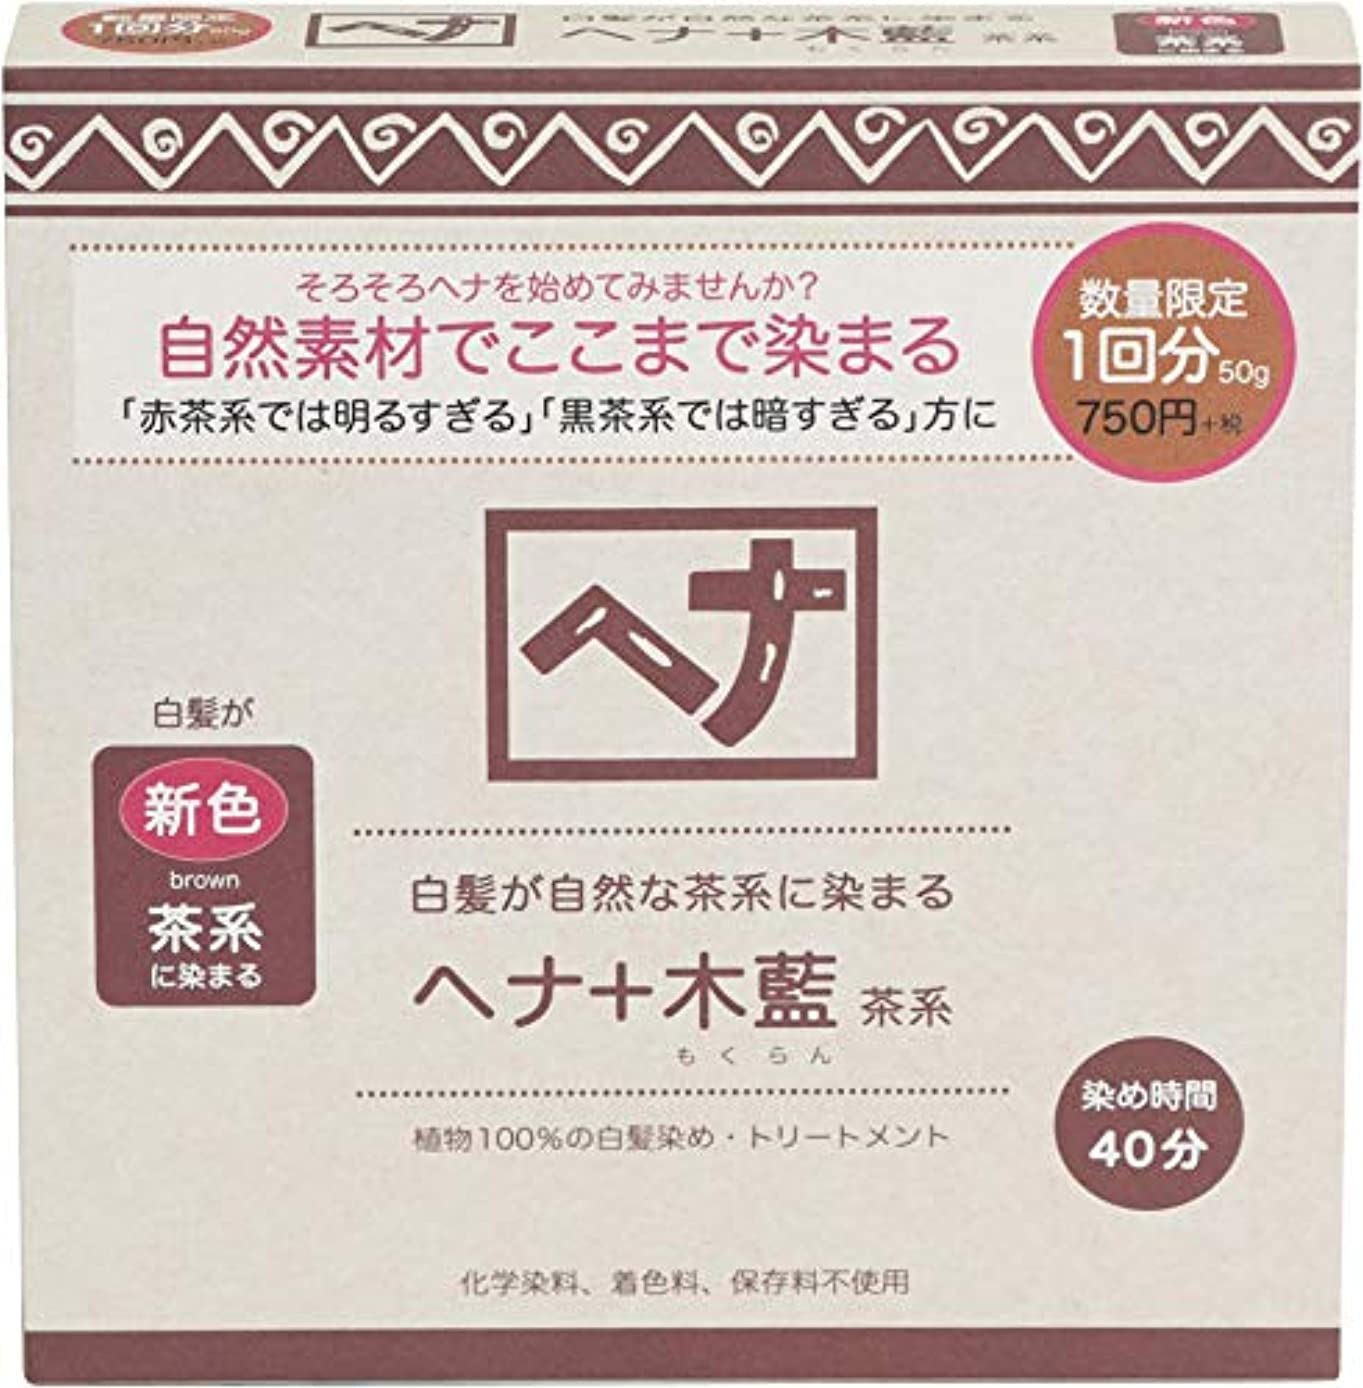 スピリチュアルダウン師匠Naiad(ナイアード) ヘナ+木藍 茶系 50g